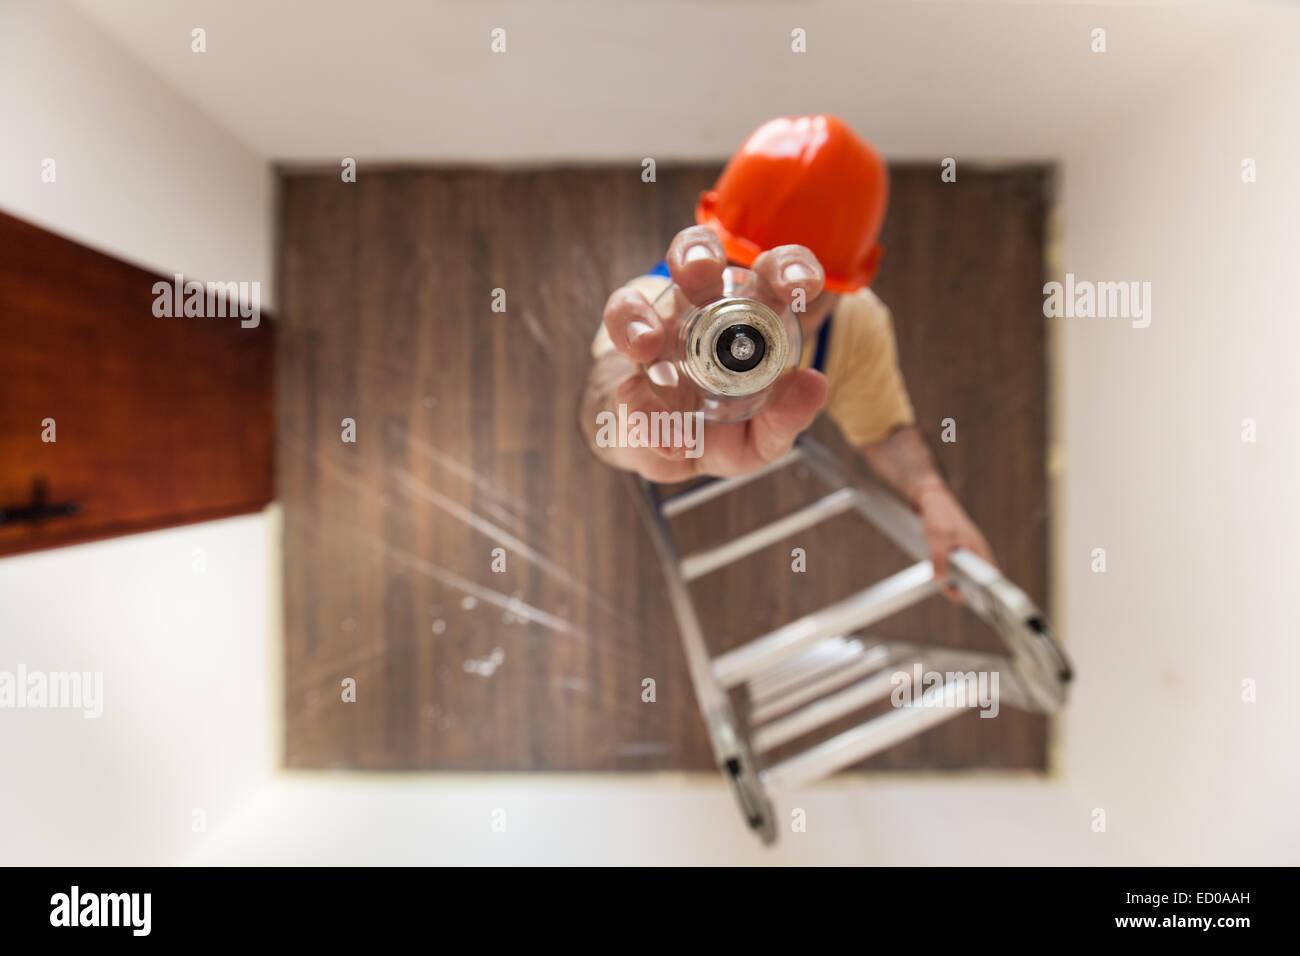 Elektriker auf der Leiter ist eine ausgebrannte Glühbirne wechseln. Stockbild